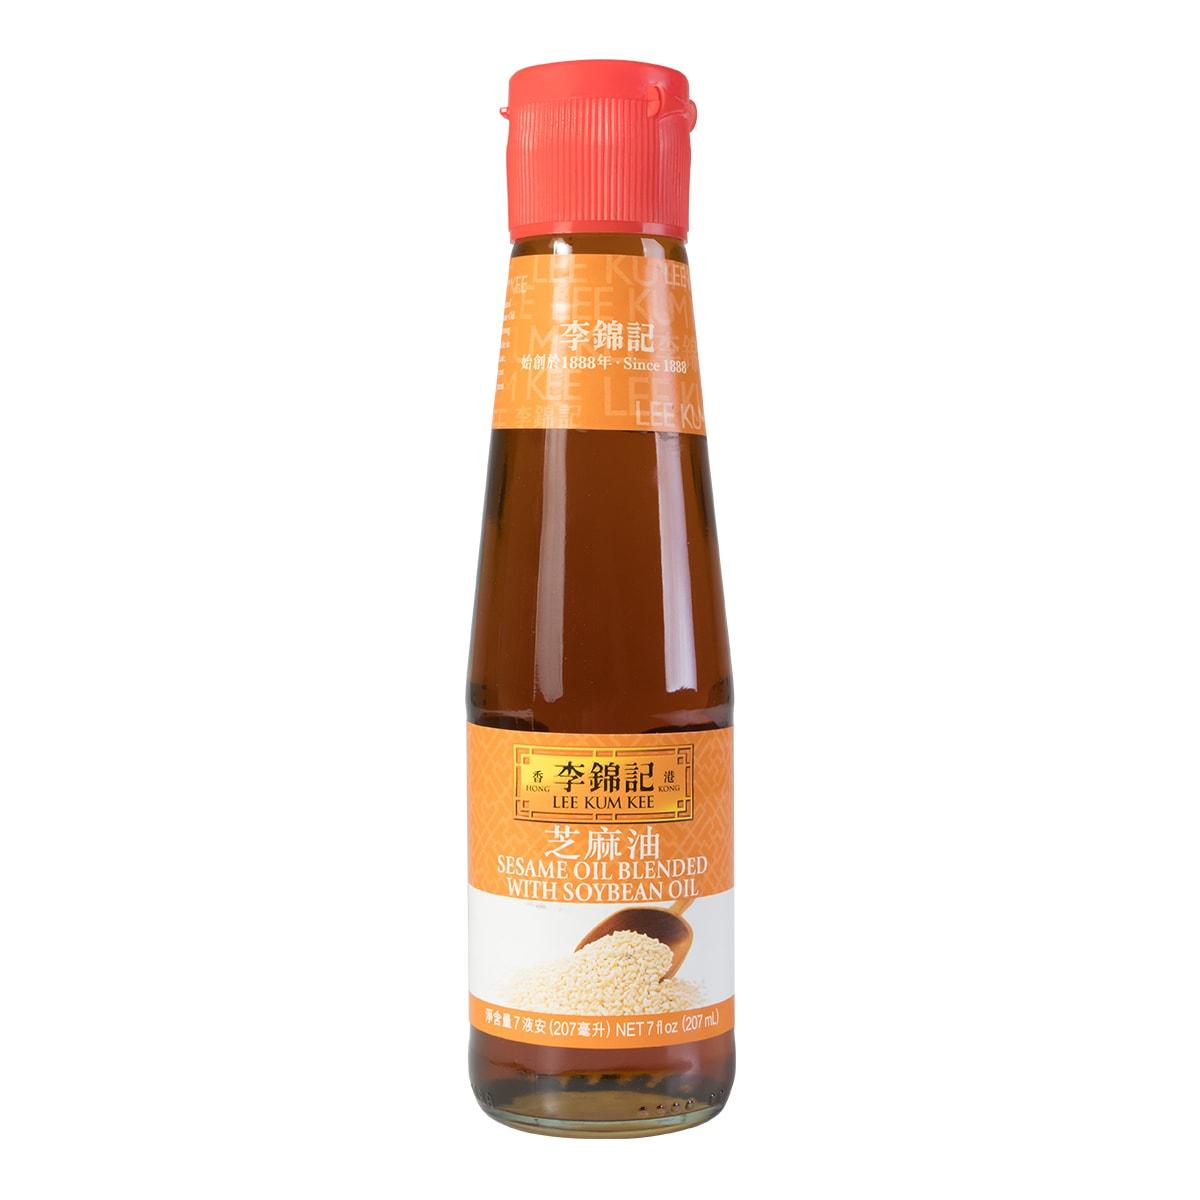 LEE KUM KEE Sesame Oil Blended with Soy Bean Oil 207ml